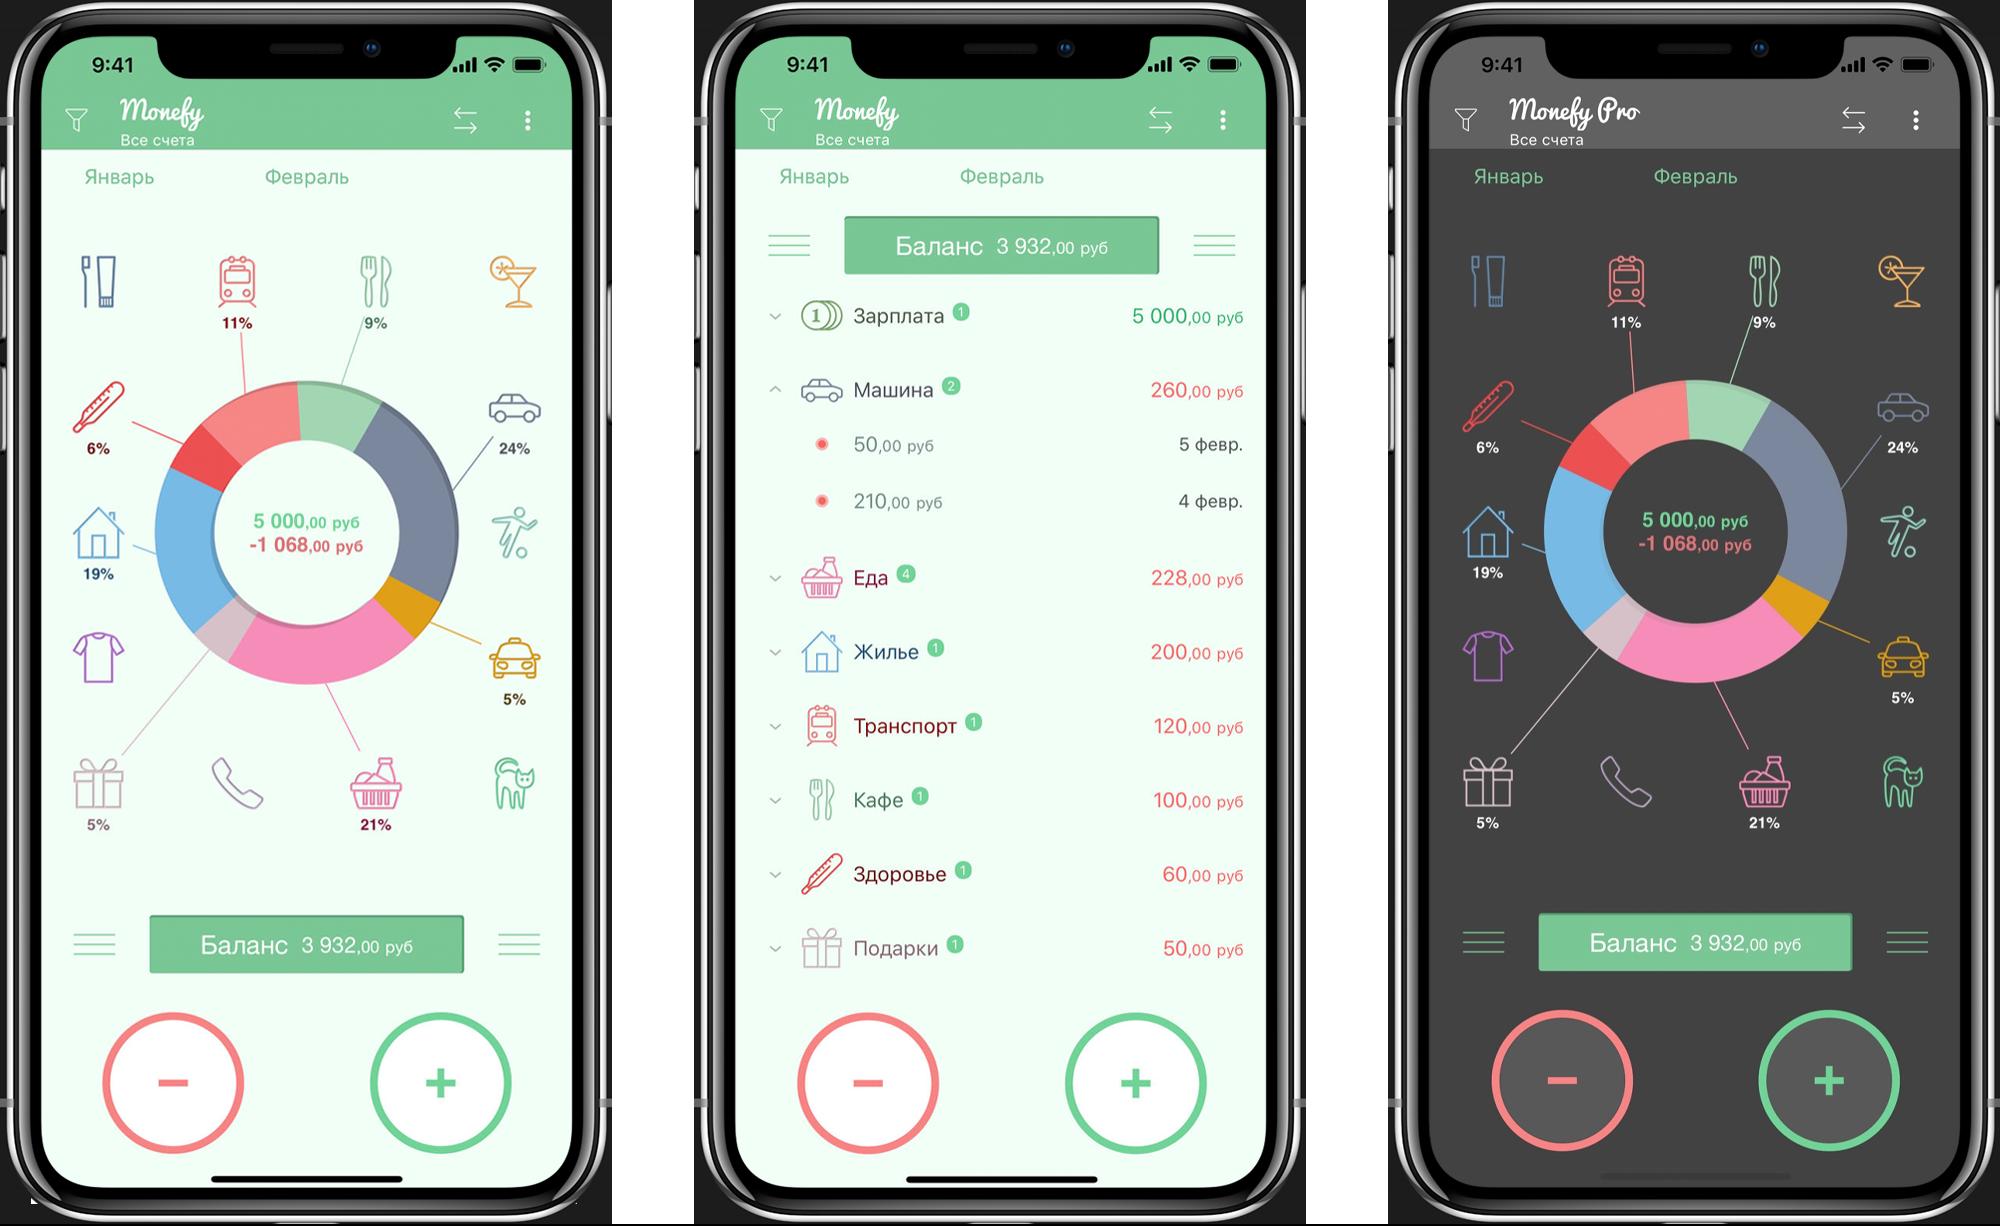 Приложение встречает наглядной диаграммой с категориями расходов и двумя кнопками: «+» и «–». Можно смотреть статистику за день, неделю, месяц и год